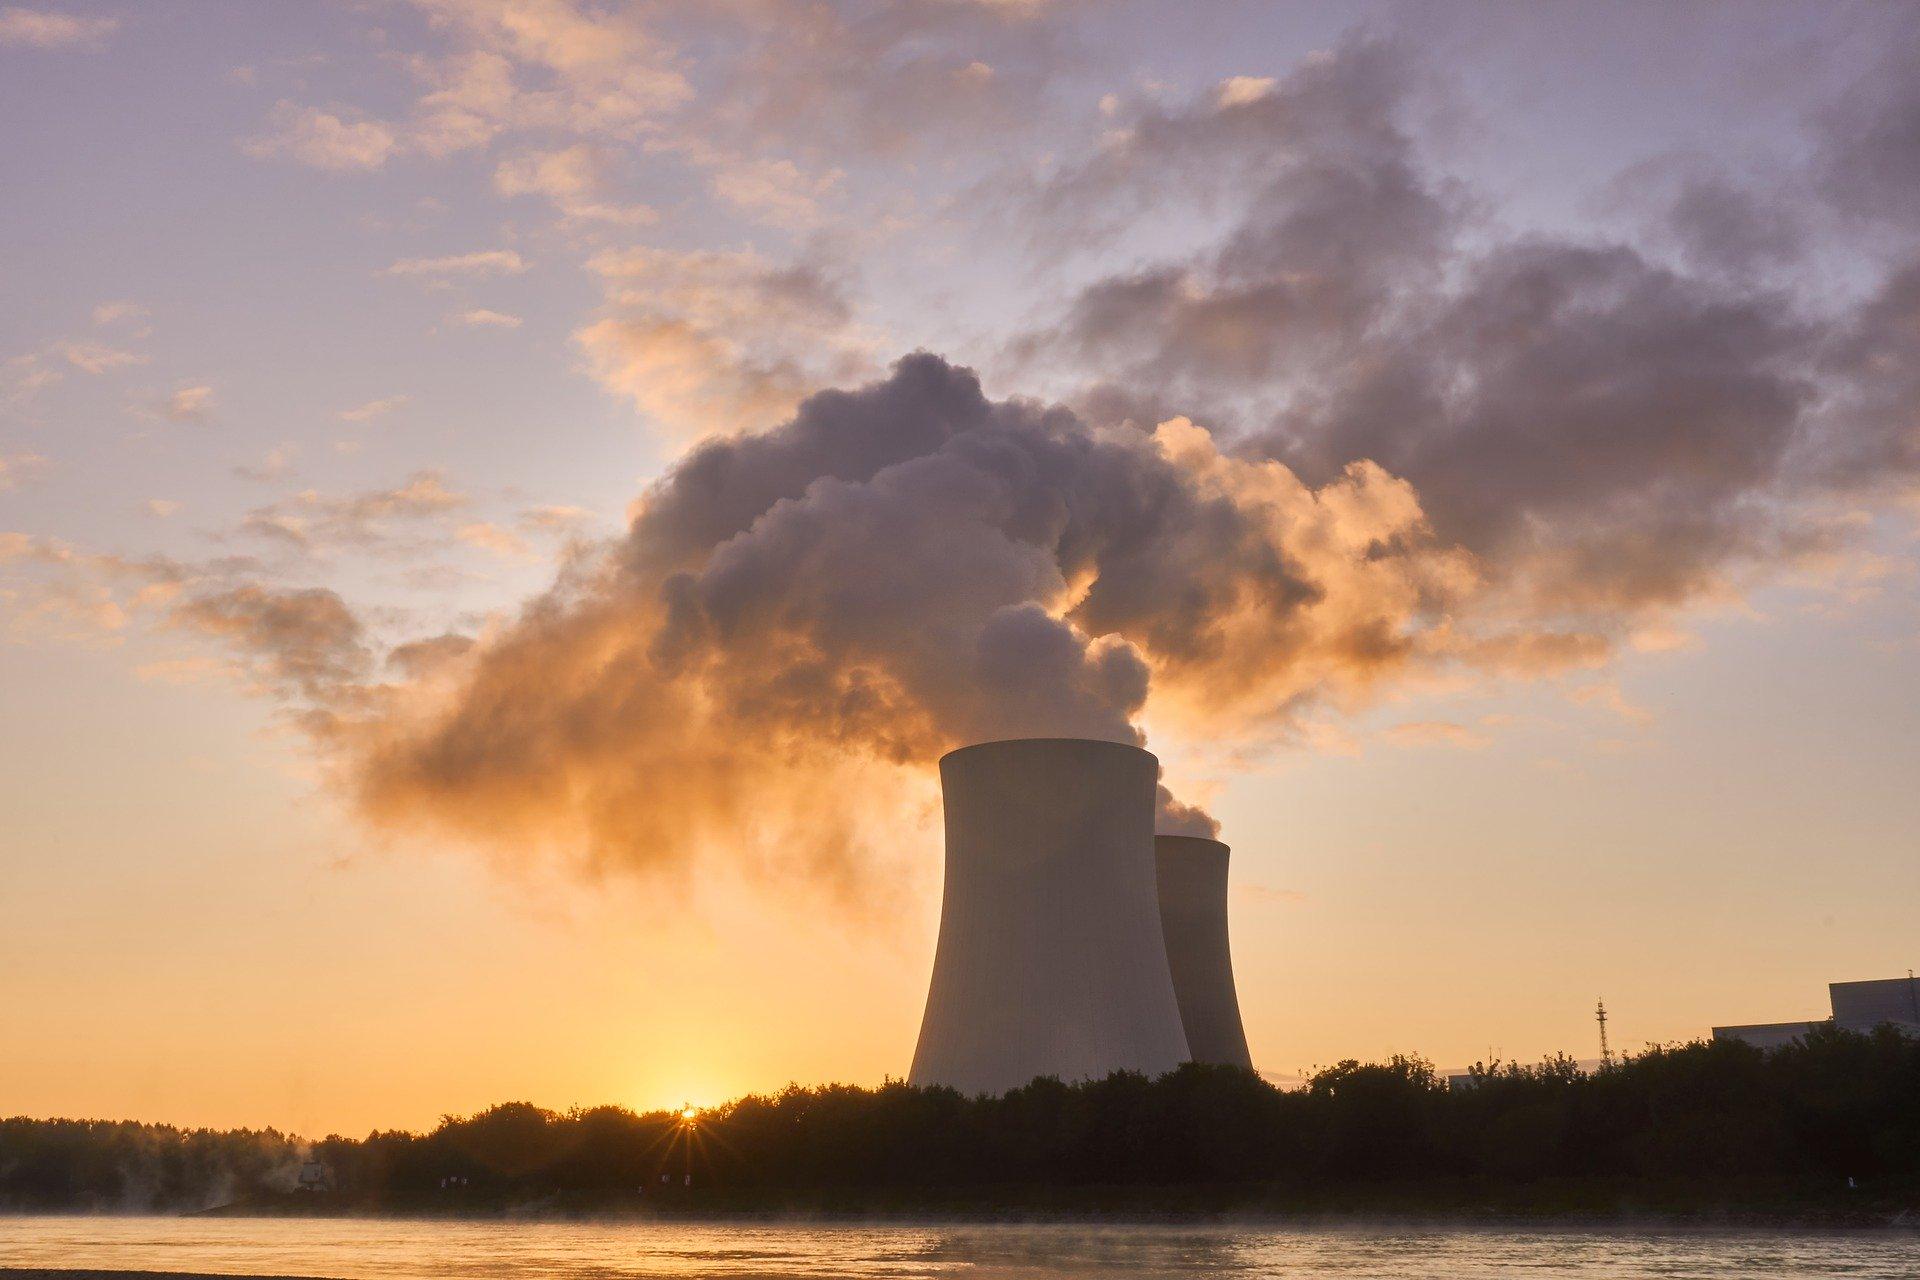 Obrázek: Co sjaderným odpadem? Vědci chtějí z radioaktivních zbytků stvořit zdroj energie, diamantová baterie má fungovat přes 5 000 let